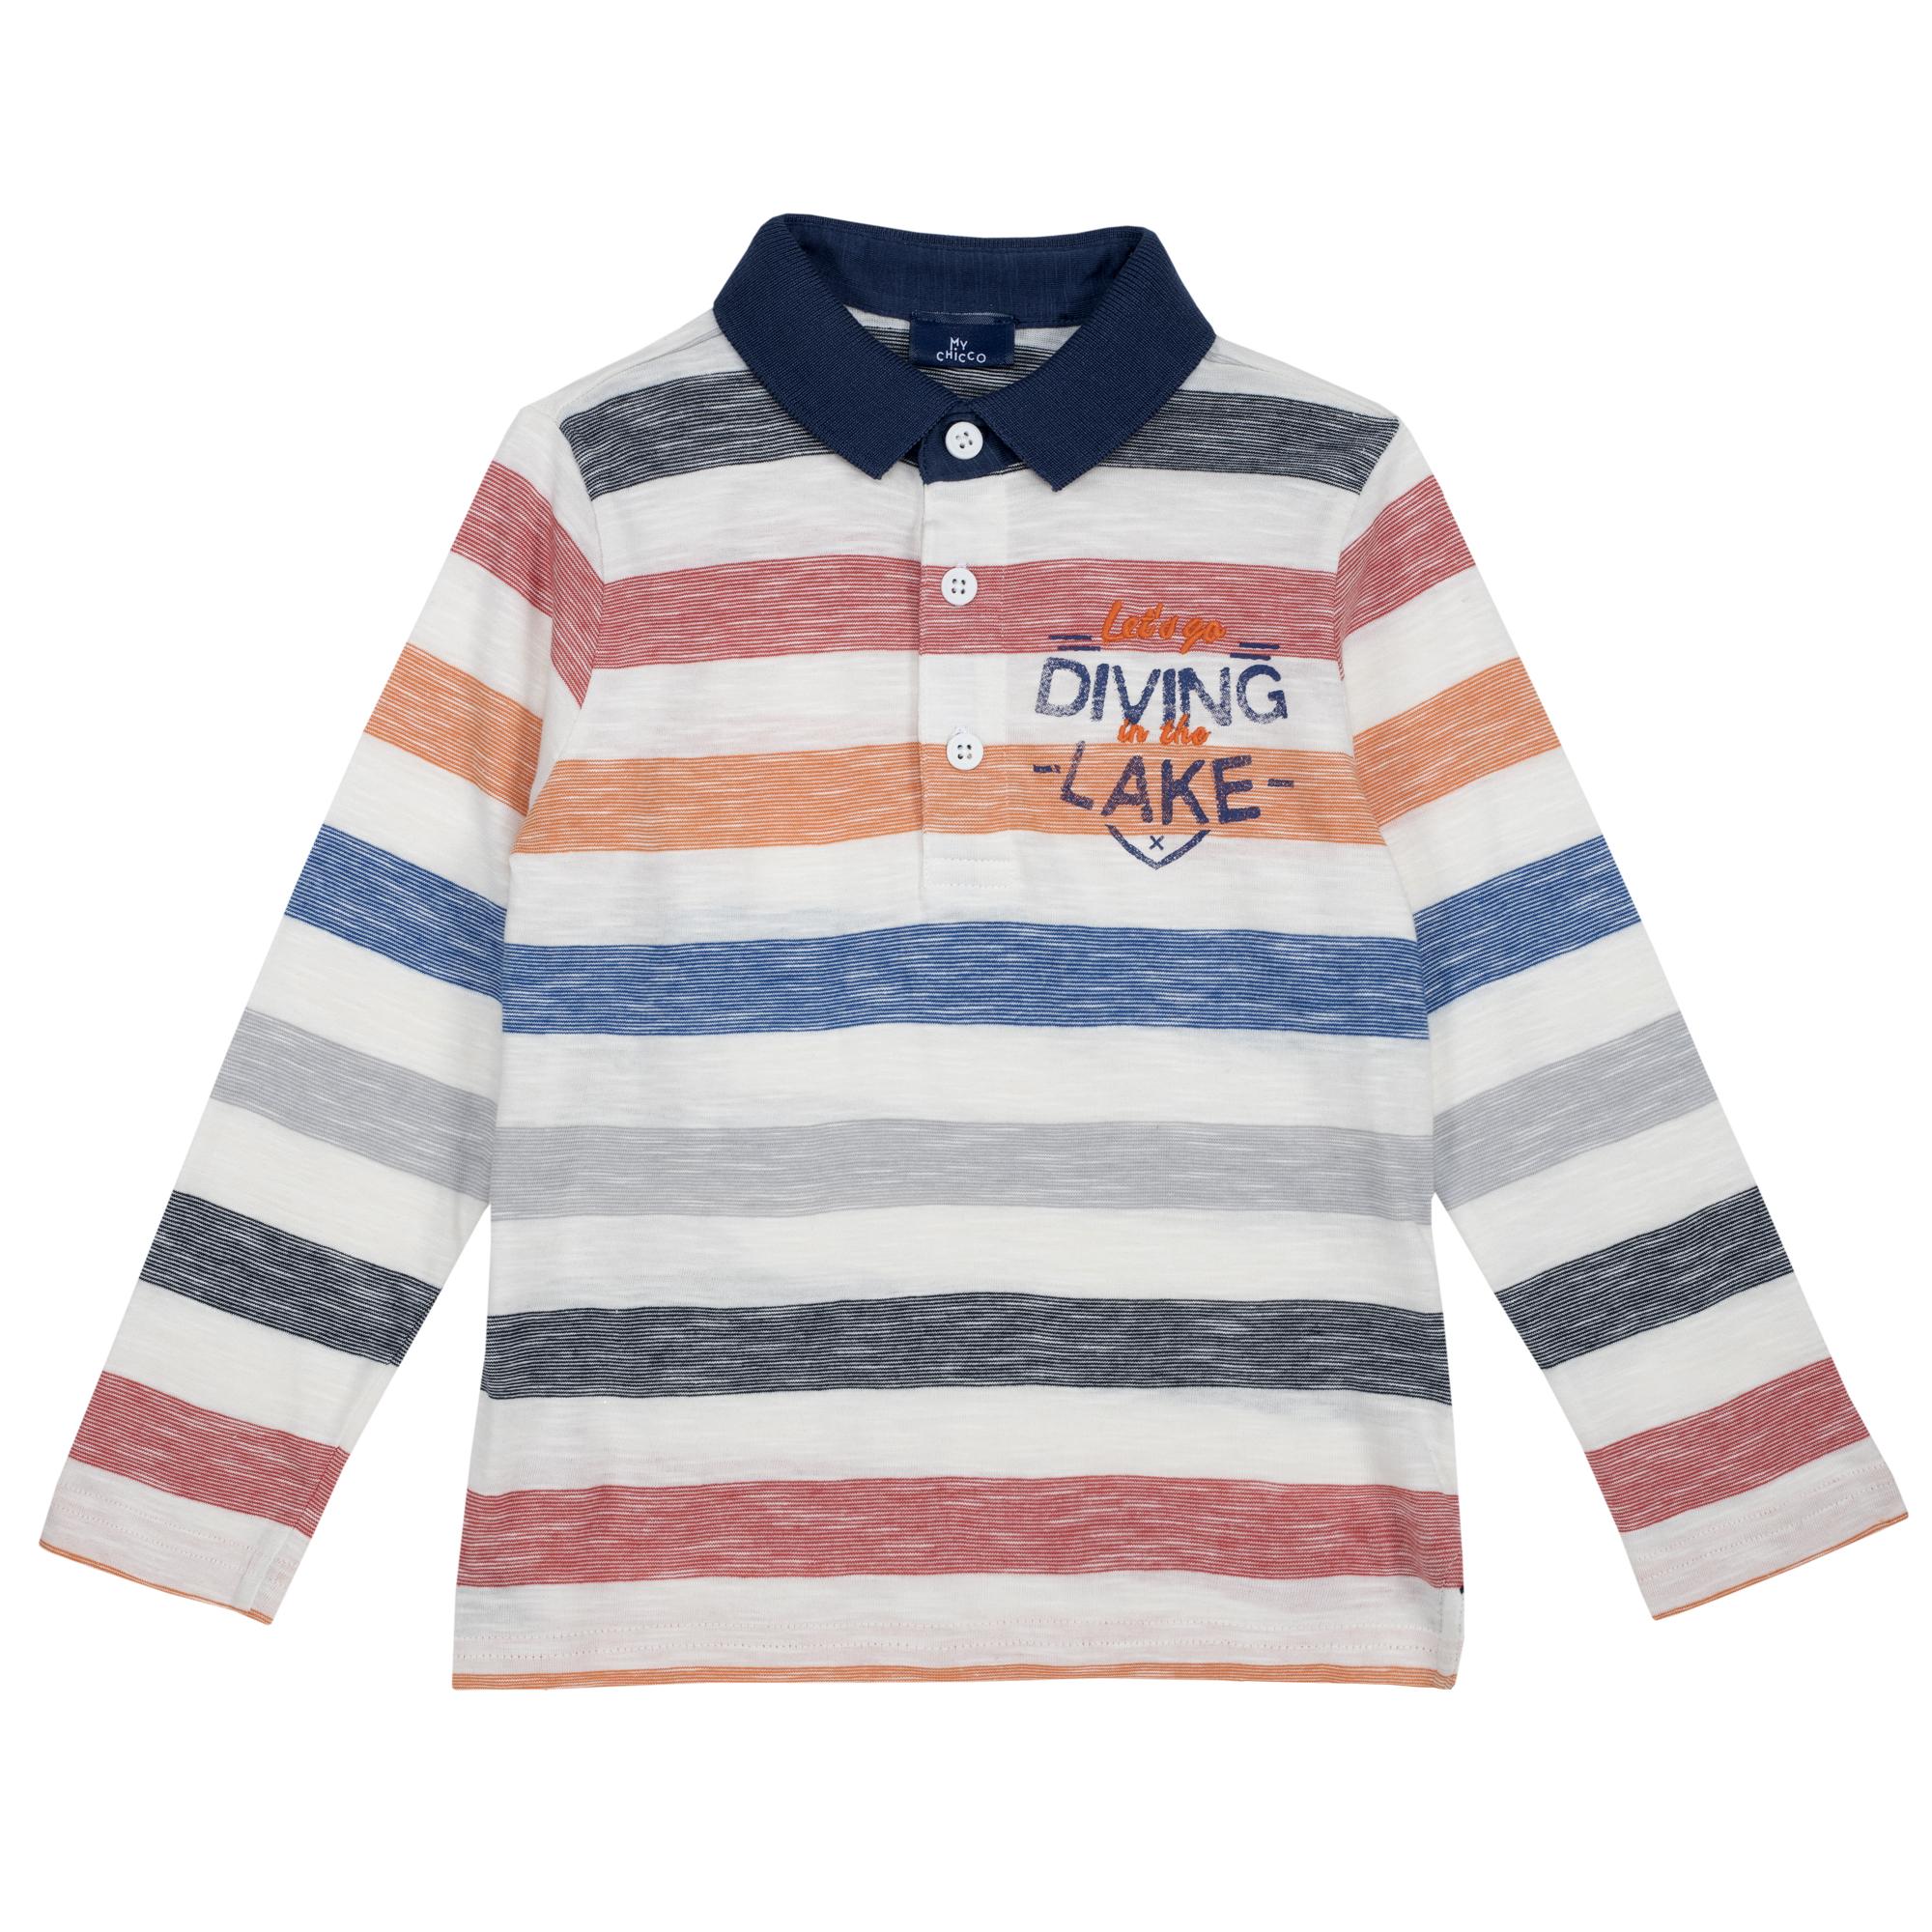 Tricou copii Chicco, maneca lunga, alb cu dungi colorate, 33498 din categoria Tricouri copii